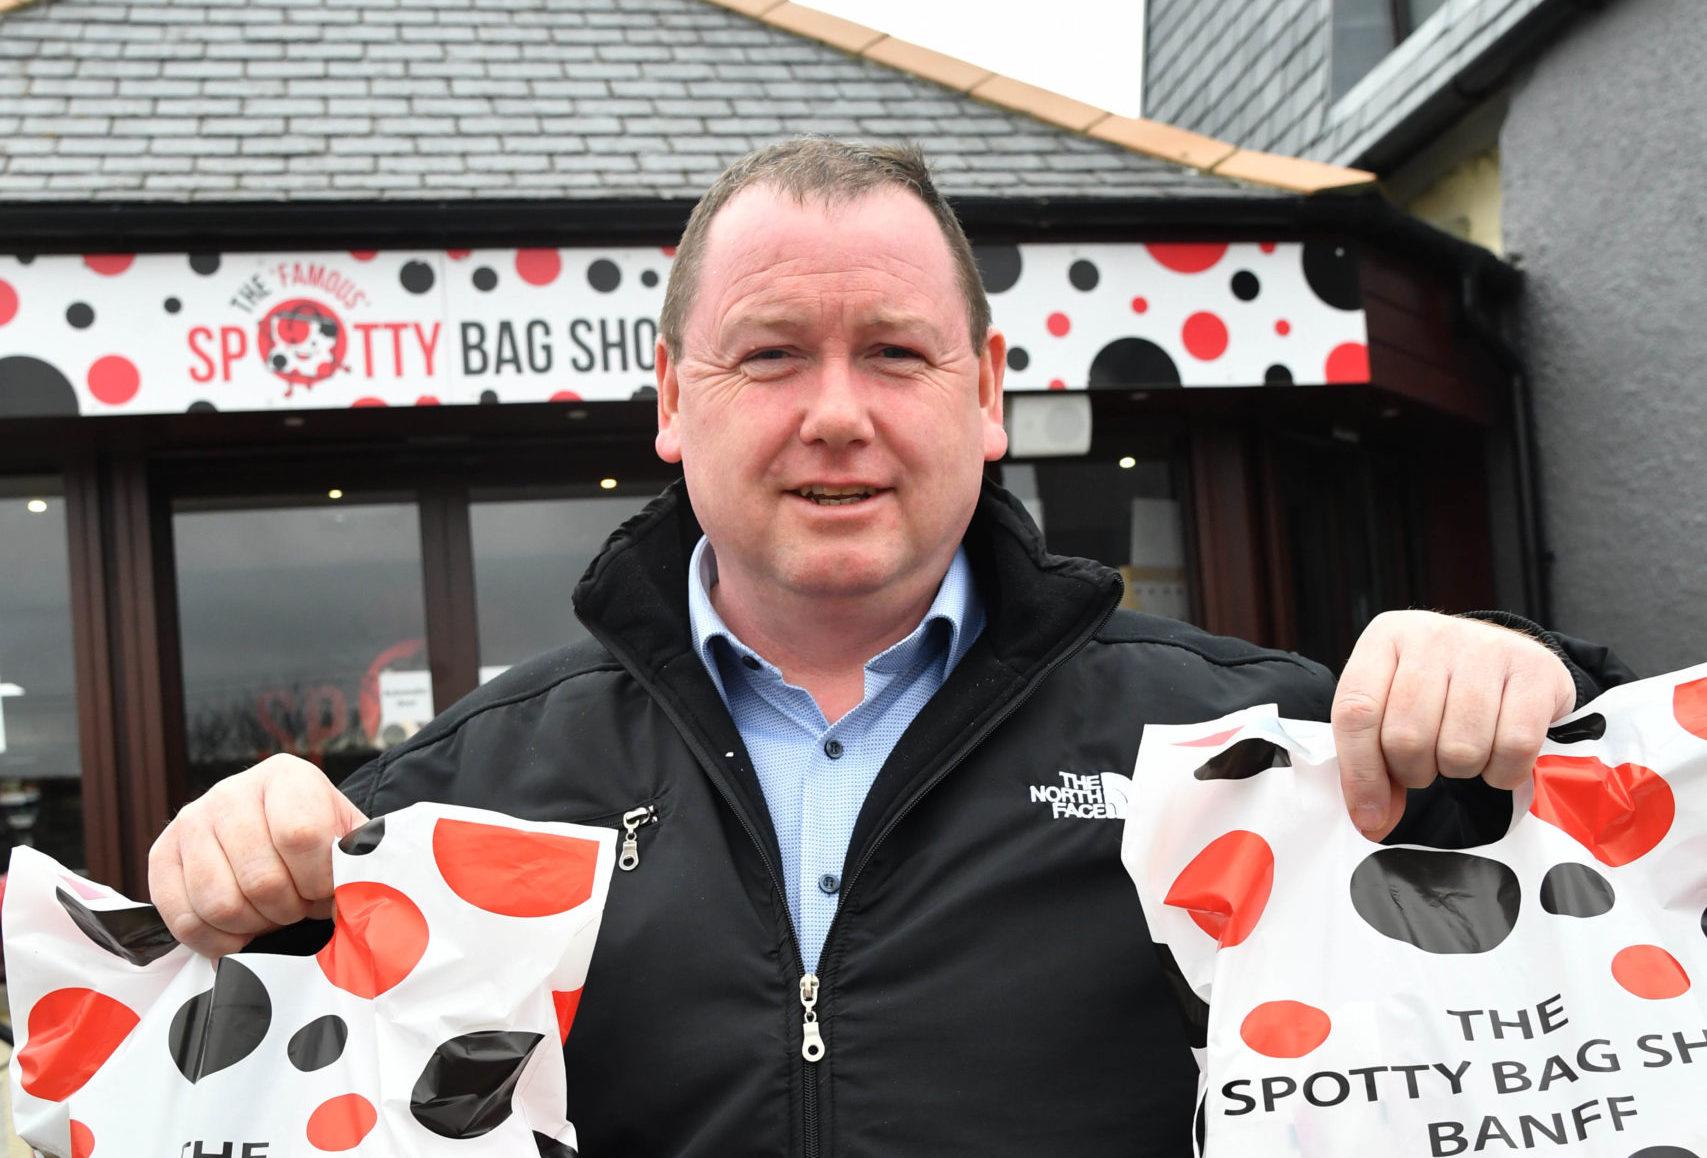 Spotty Bag Shop owner Des Cheyne